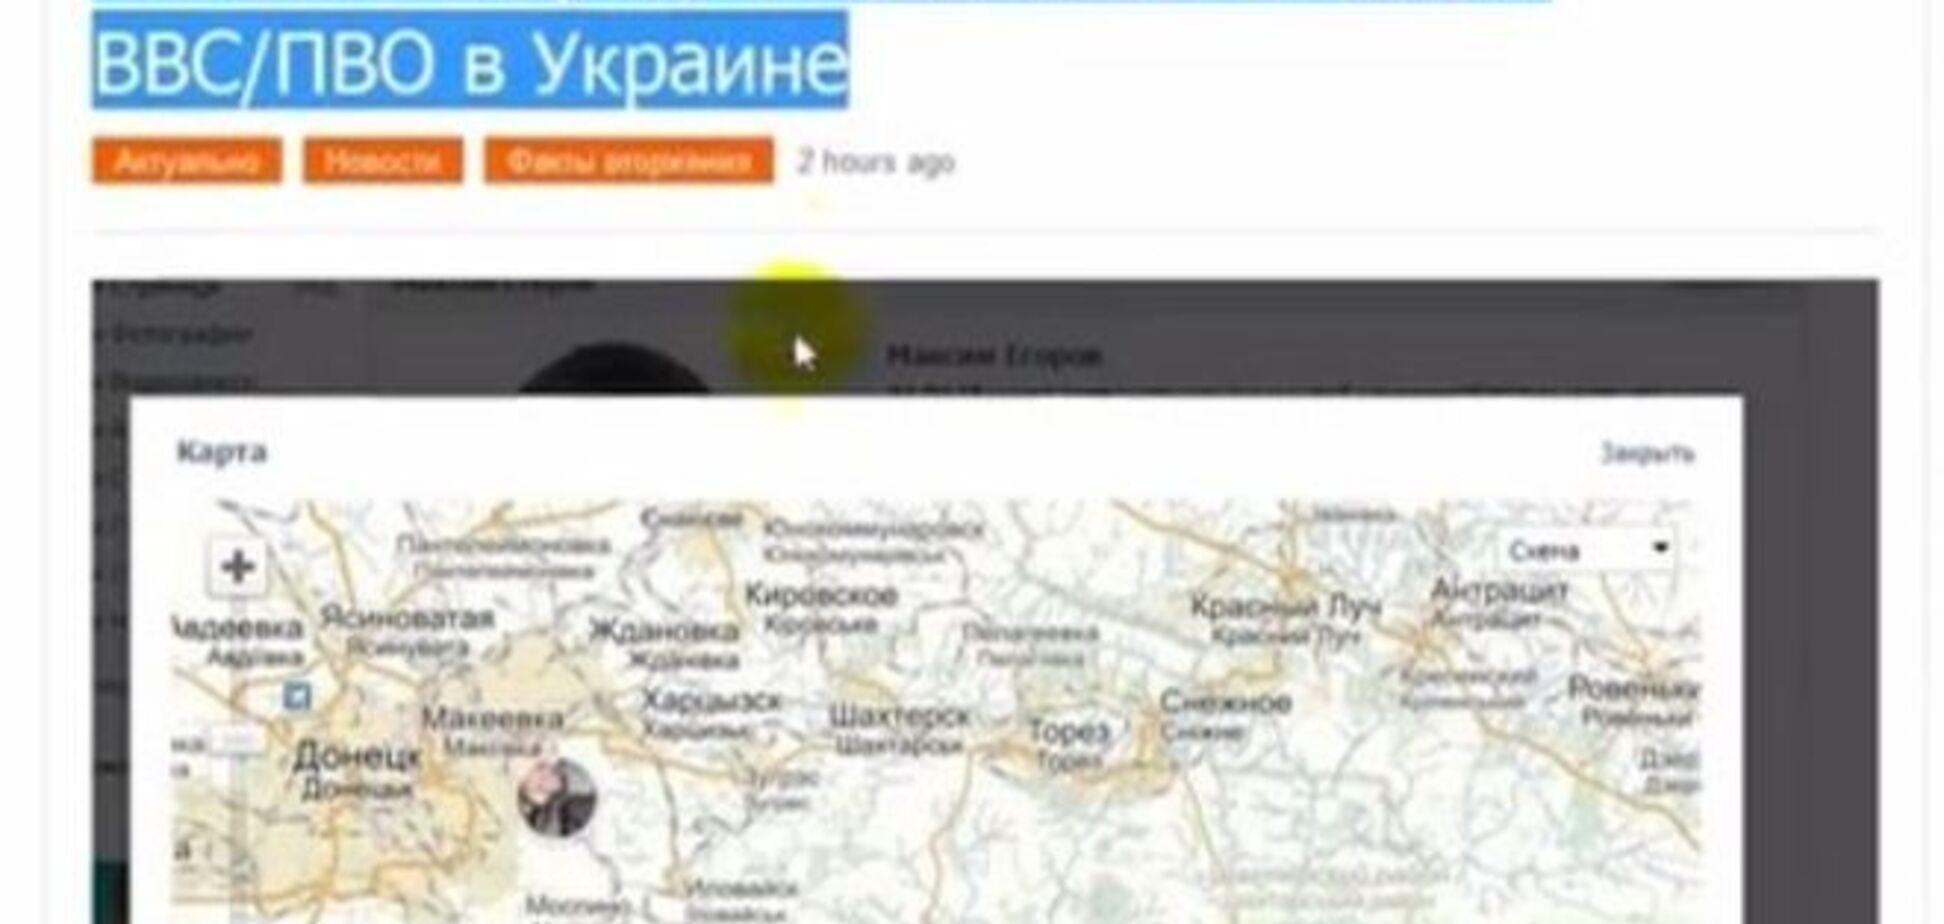 Опубліковано відео, яке наочно показує, як обчислюють військових РФ в Україні через соцмережі